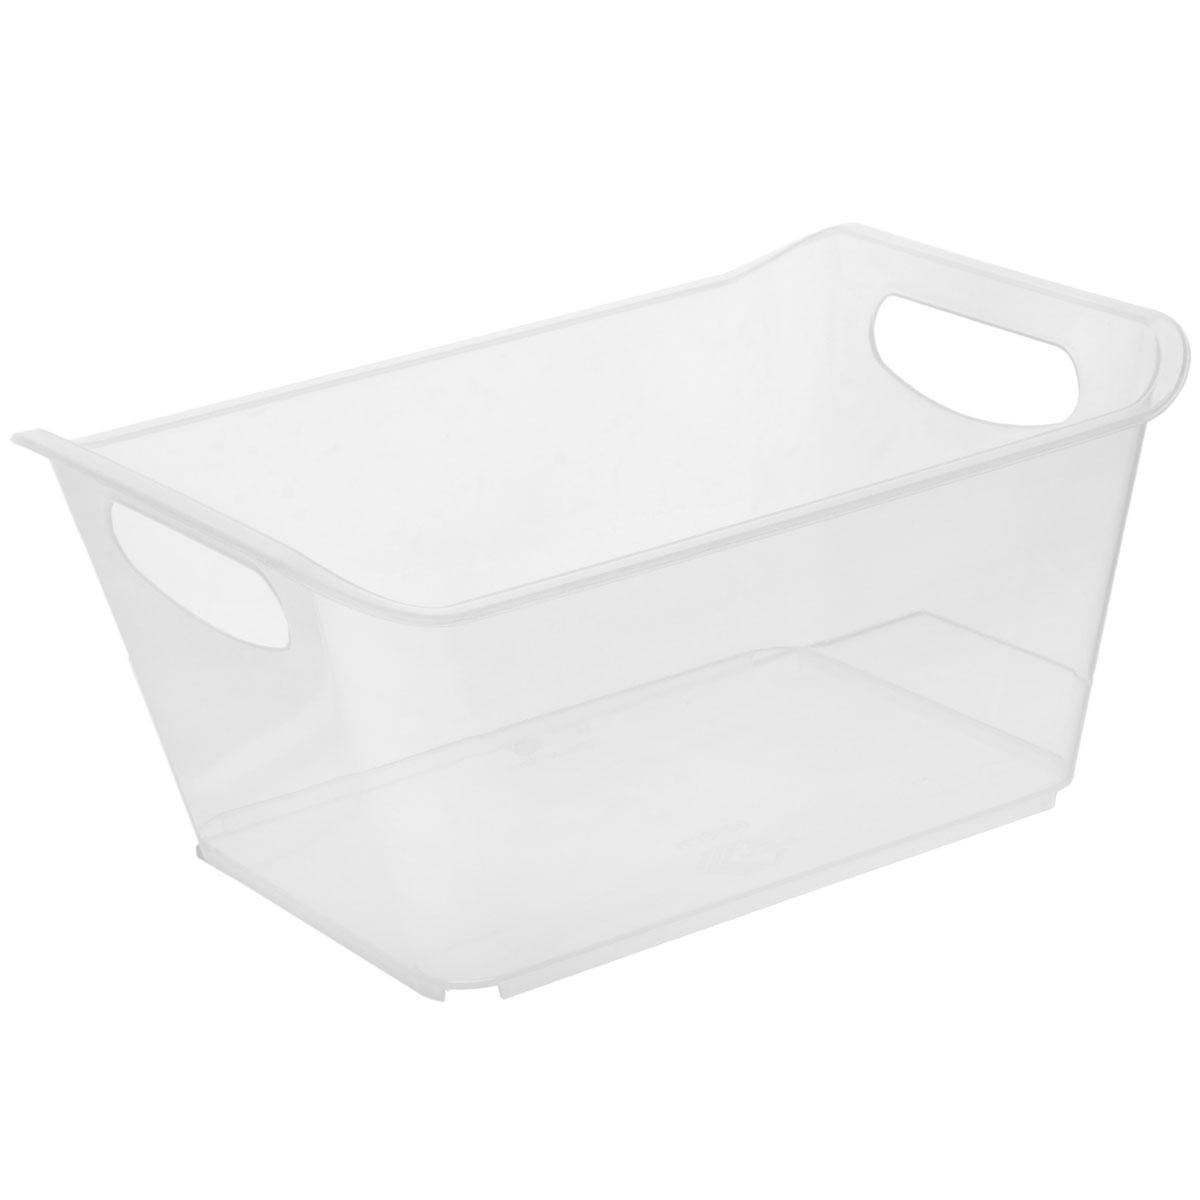 """Контейнер """"Gensini"""" выполнен из прочного пластика. Он предназначен для хранения различных мелких вещей в ванной, на кухне, даче или гараже, исключая возможность их потери. По бокам контейнера предусмотрены две удобные ручки для его переноски.Контейнер поможет хранить все в одном месте, а также защитить вещи от пыли, грязи и влаги."""